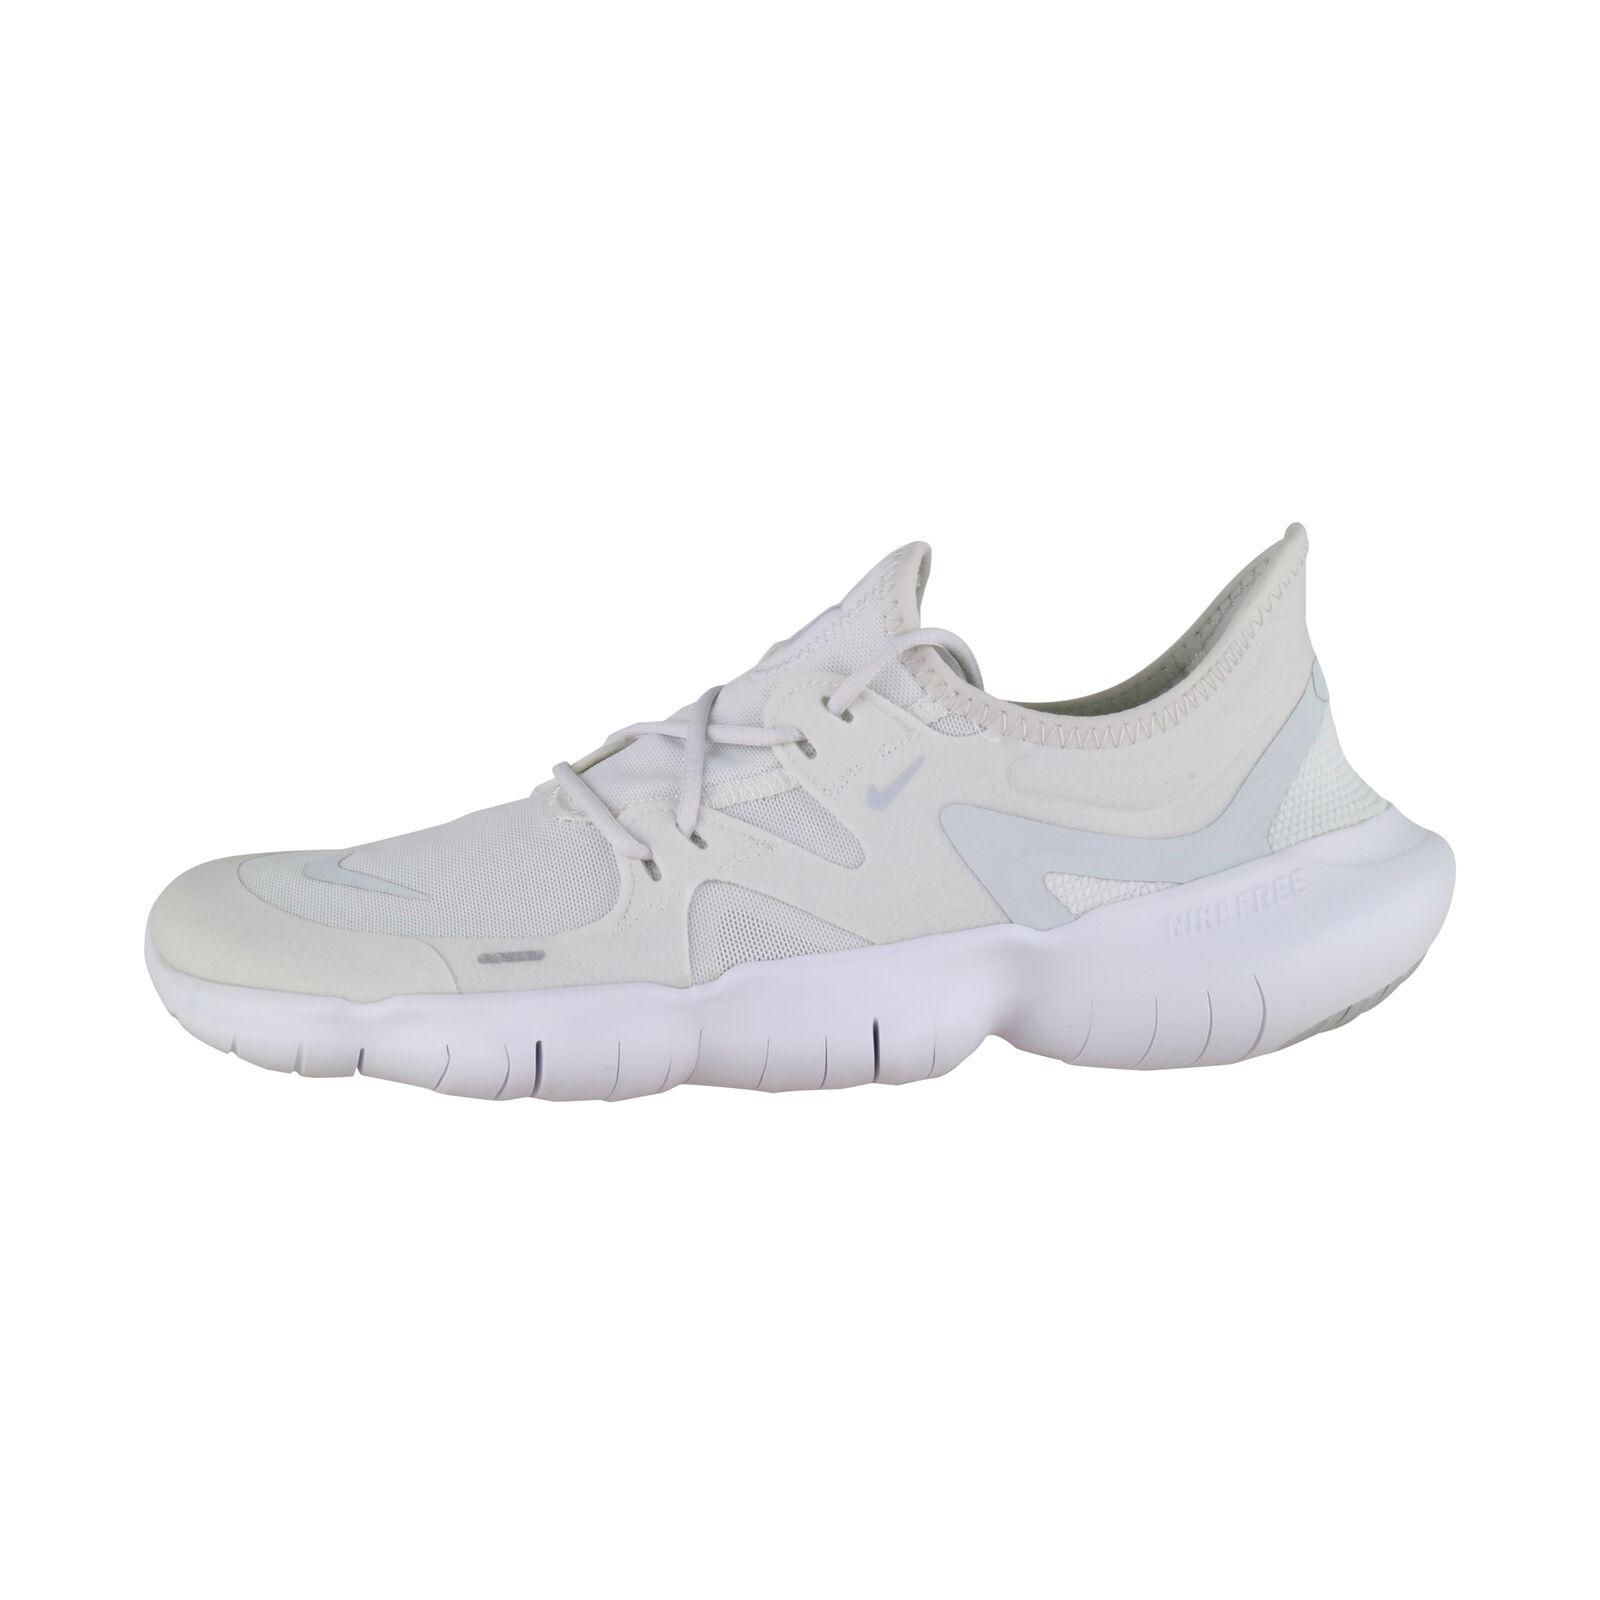 Détails sur Nike Free Rn 5.0 Blanc AQ1289 002